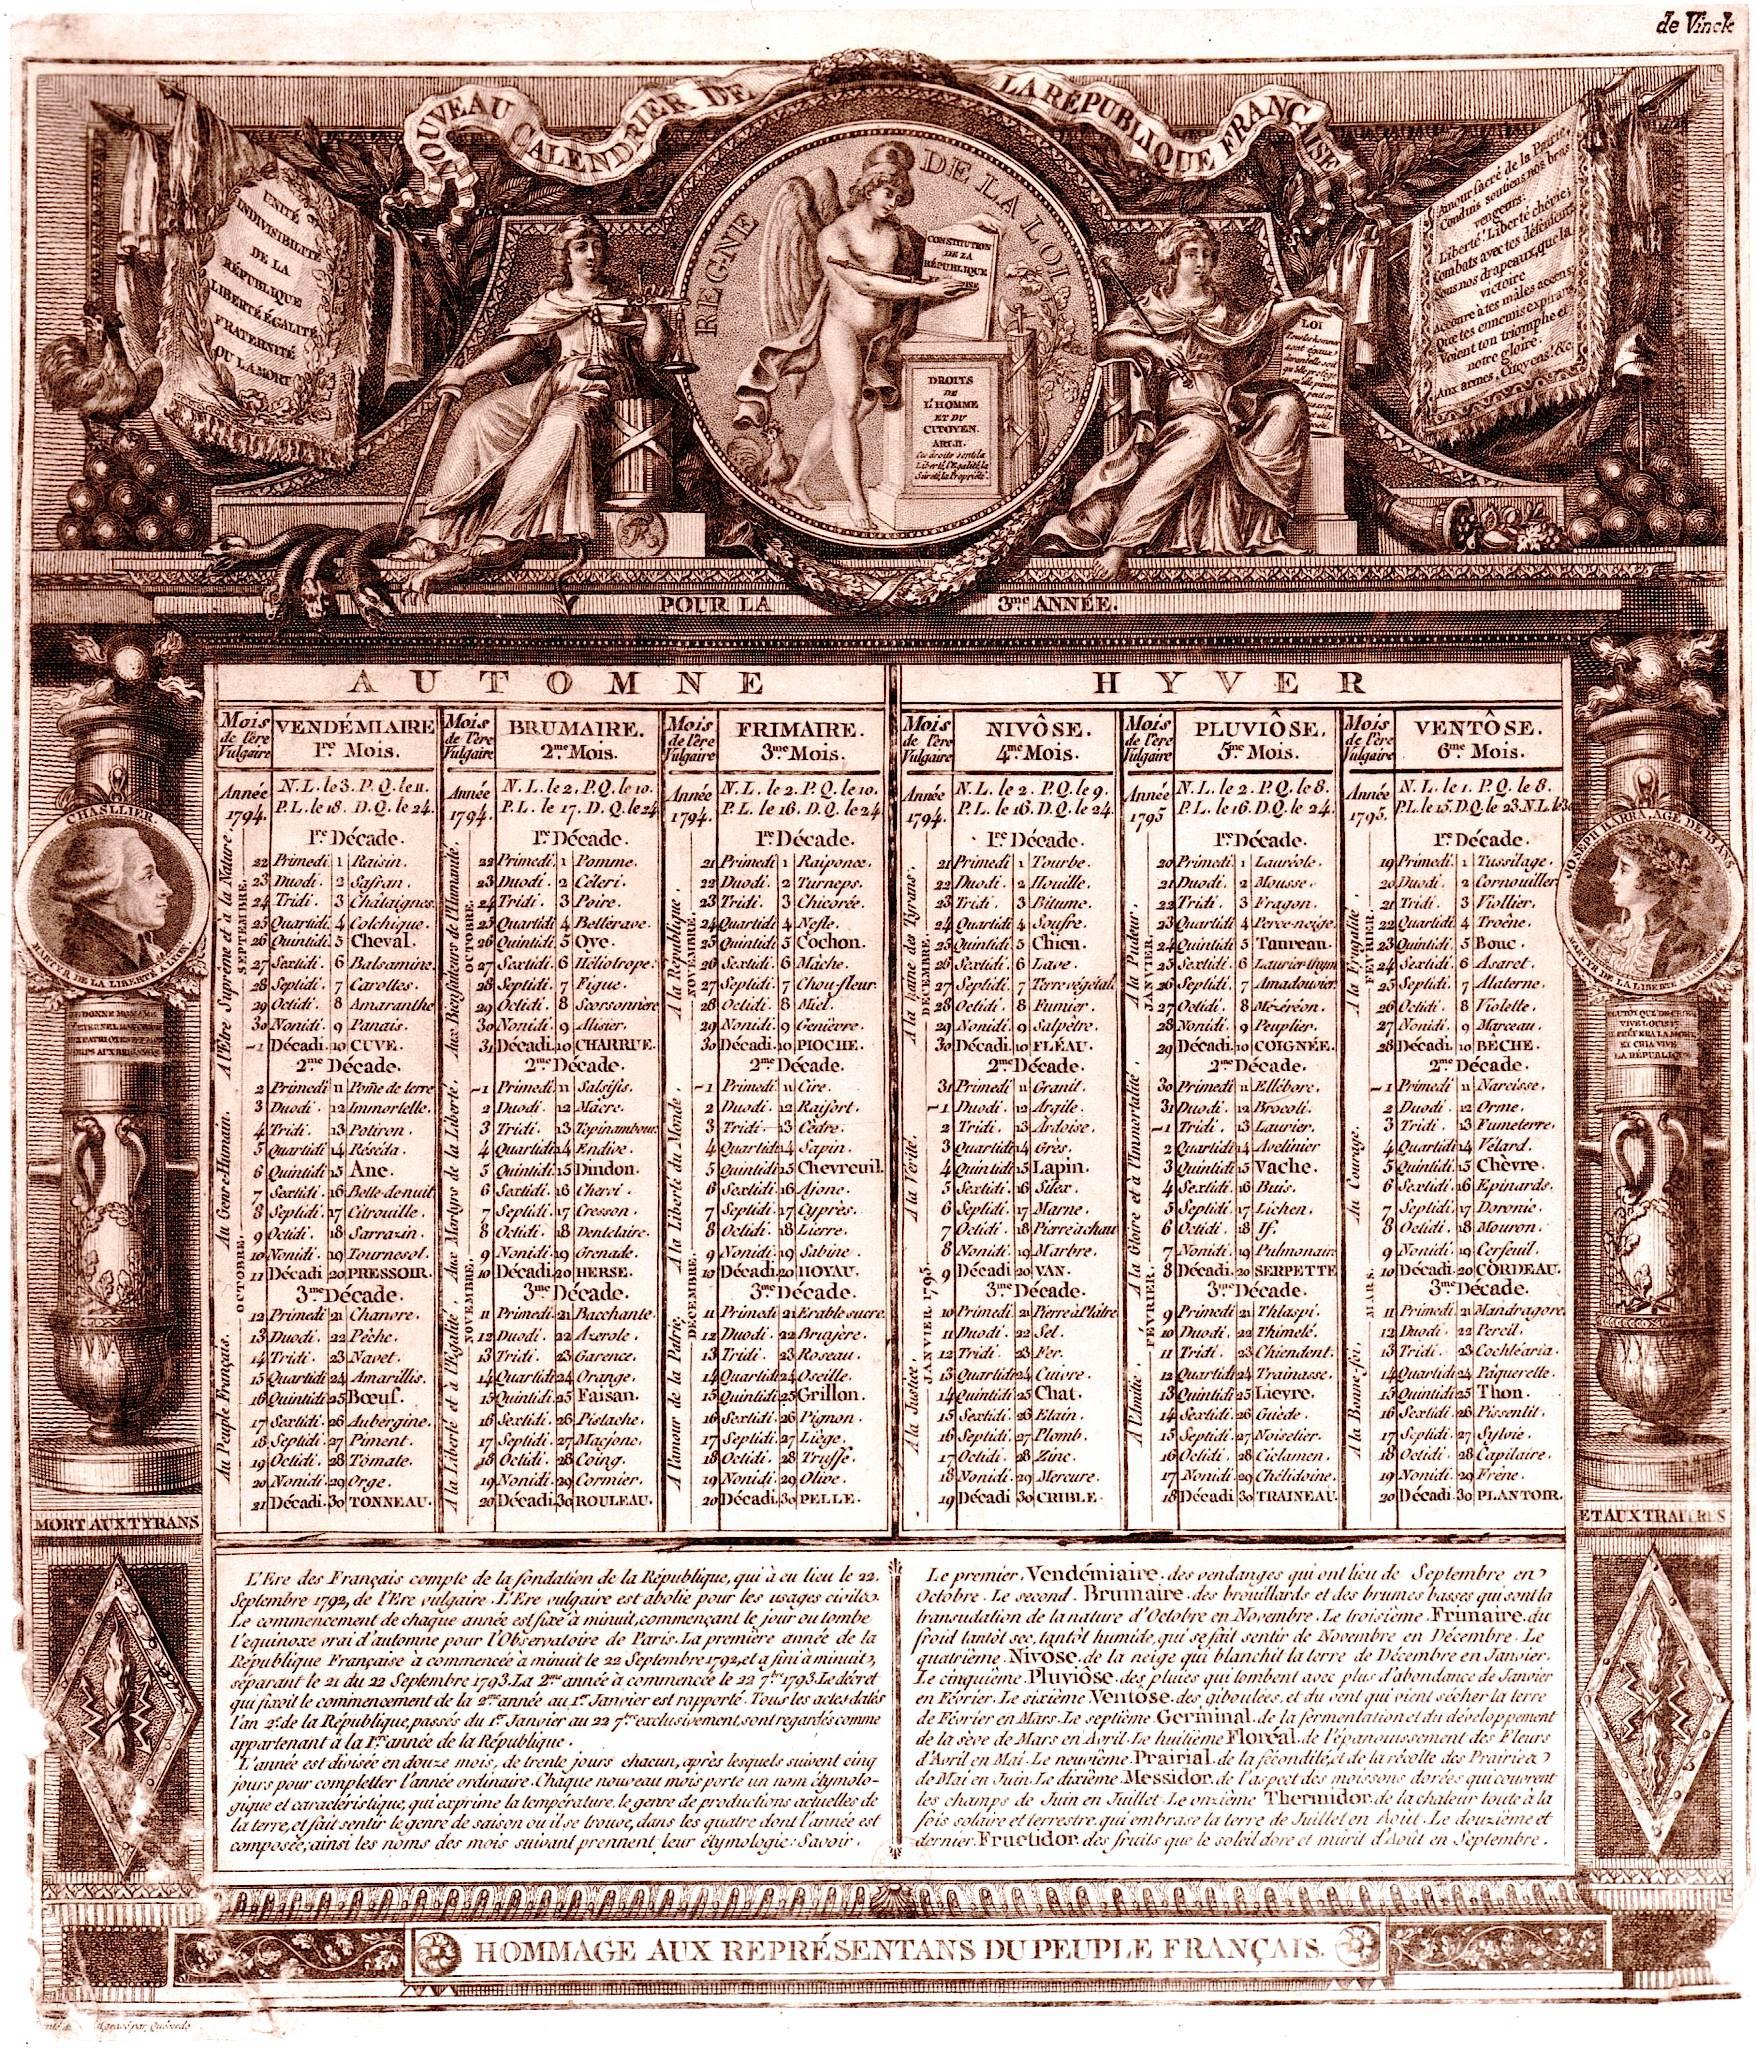 Calendrier Républicain mettant en exergue que le 12 octobre / 21 Vendémiaire est le jour du Chanvre.